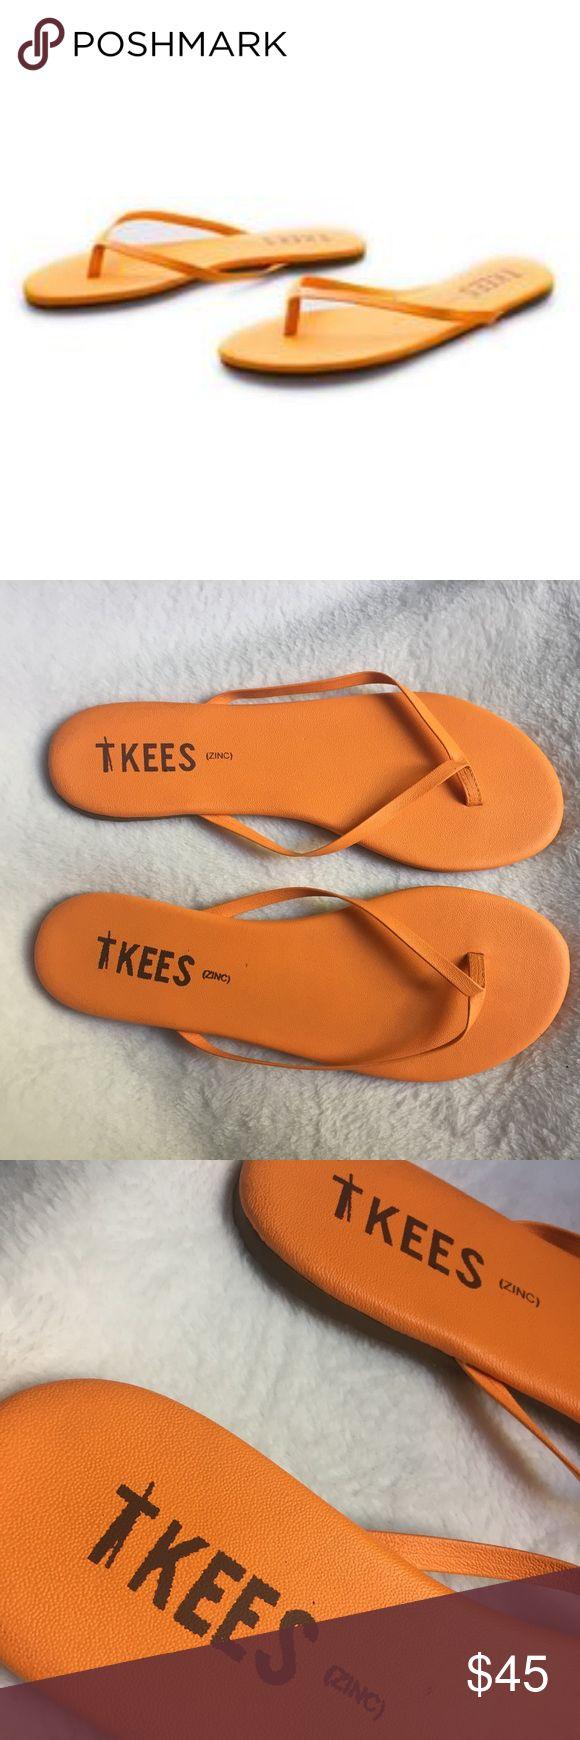 TKEES zinc orange flip flops 11 Wore one time, orange zinc color size 11. Excellent condition TKEES Shoes Sandals